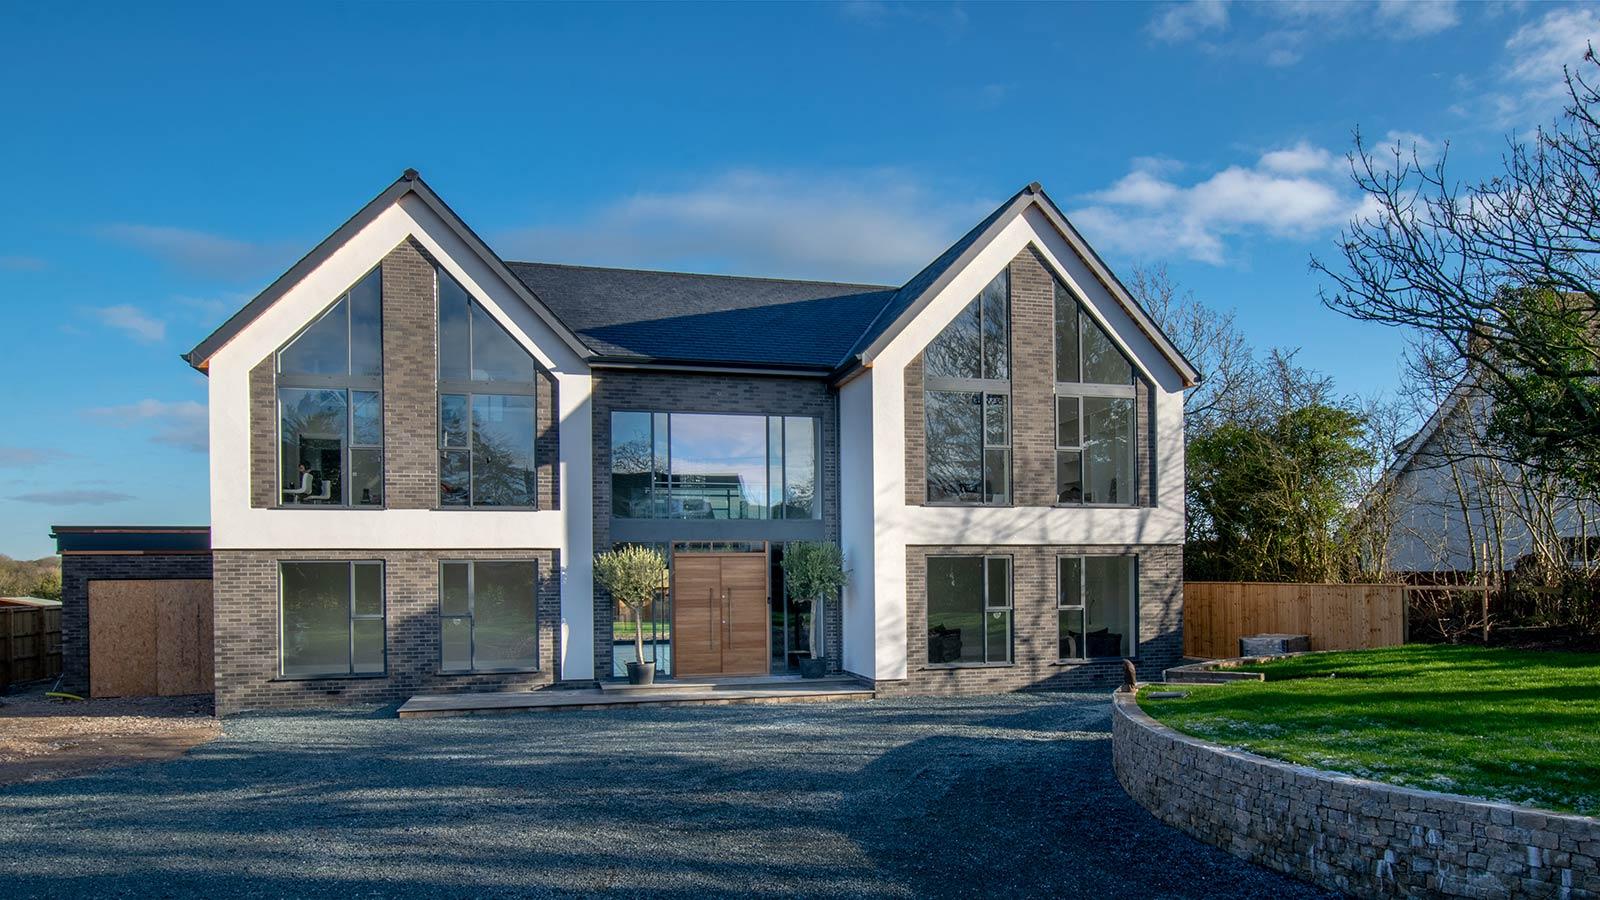 Bespoke, detached, contemporary home architectural design in Poulton-le-Fylde, Lancashire